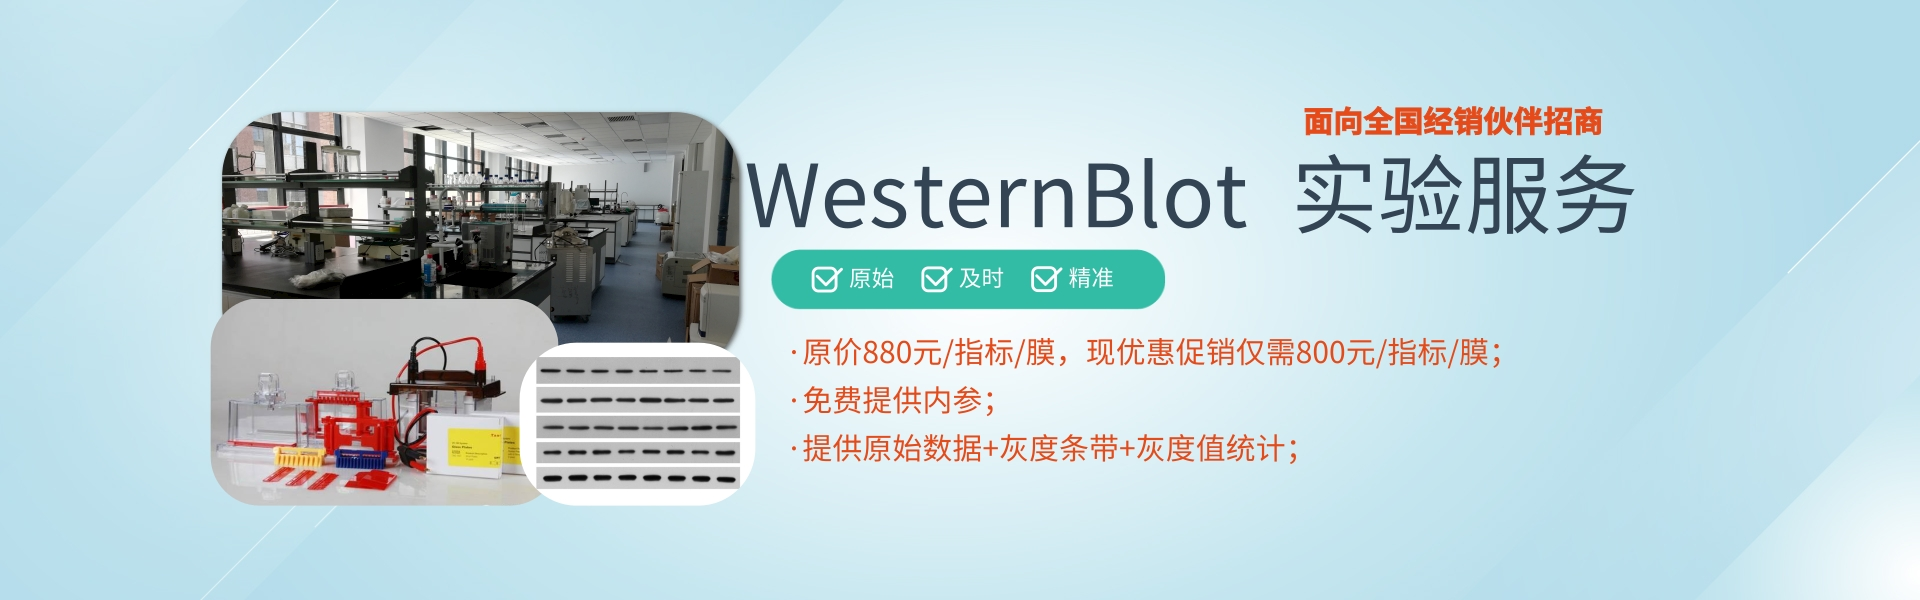 WB(普通蛋白) 检测